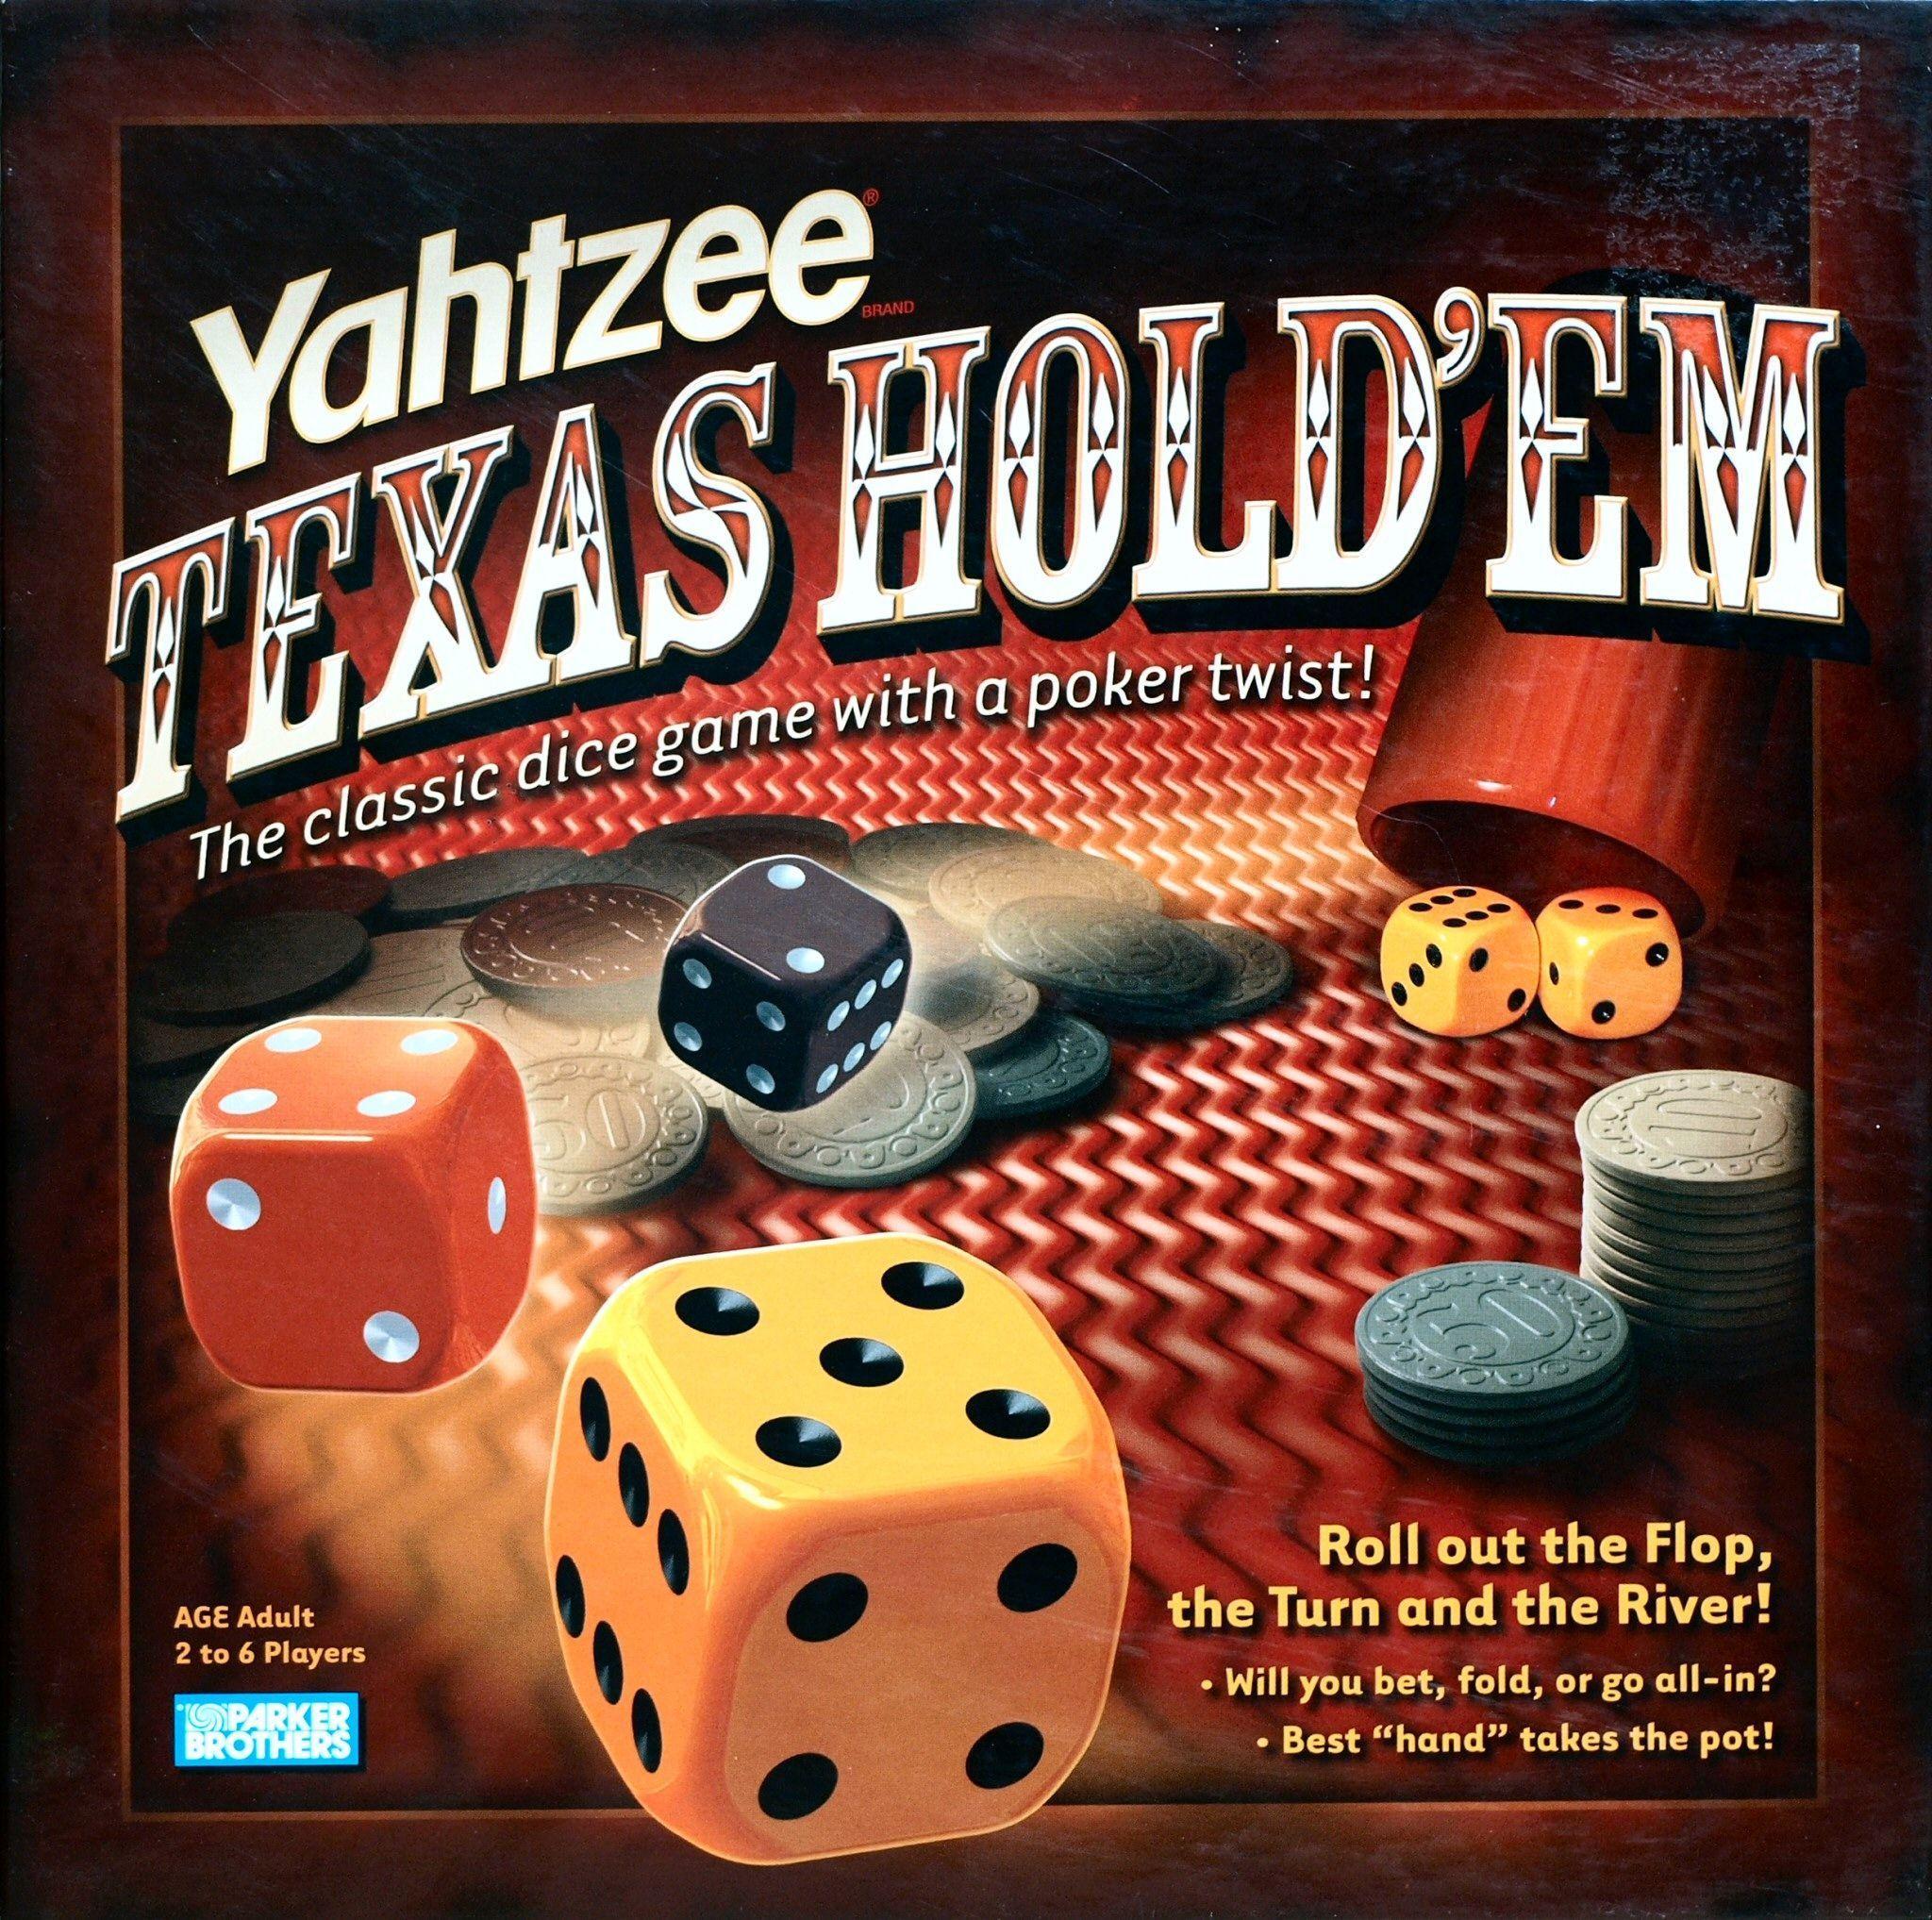 настольная игра Yahtzee: Texas Hold'em Ятзи: Техасский холдем